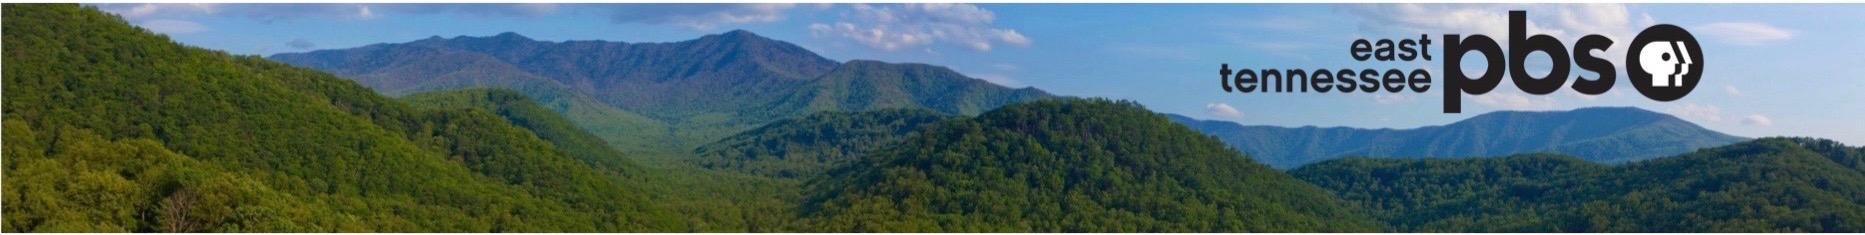 ETPBS Smoky Mountain Logo Banner (1).jpg